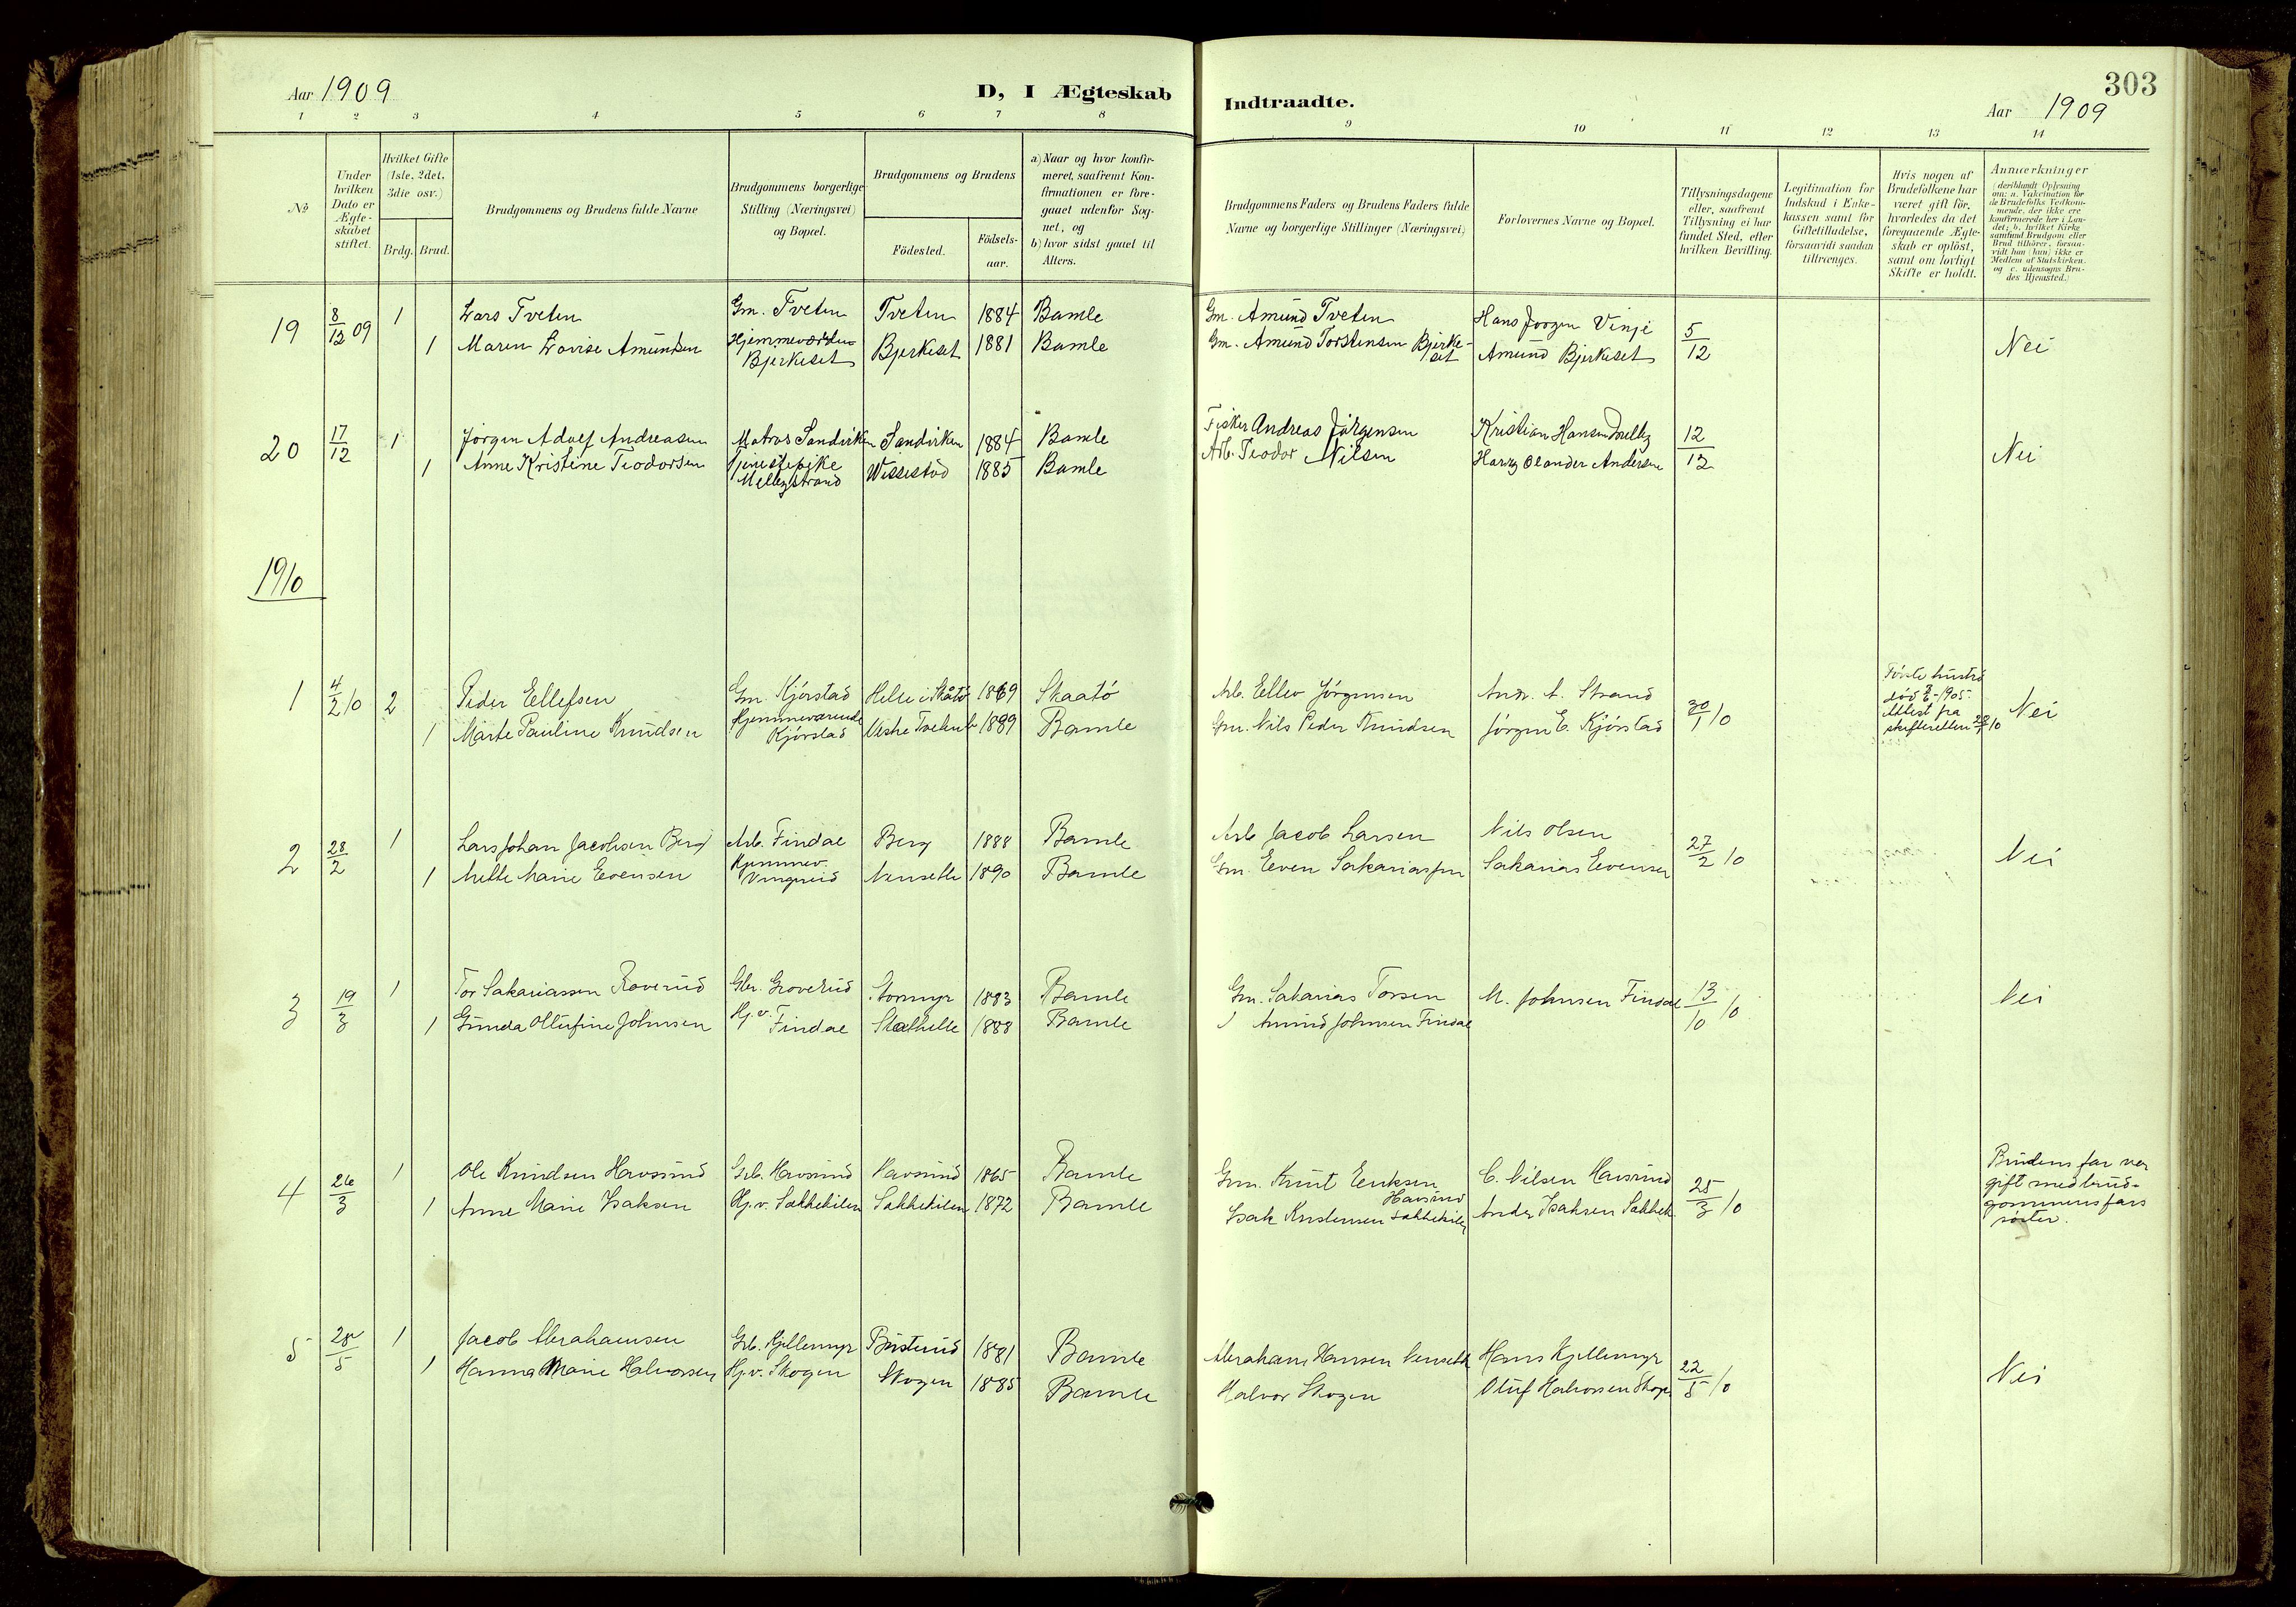 SAKO, Bamble kirkebøker, G/Ga/L0010: Klokkerbok nr. I 10, 1901-1919, s. 303